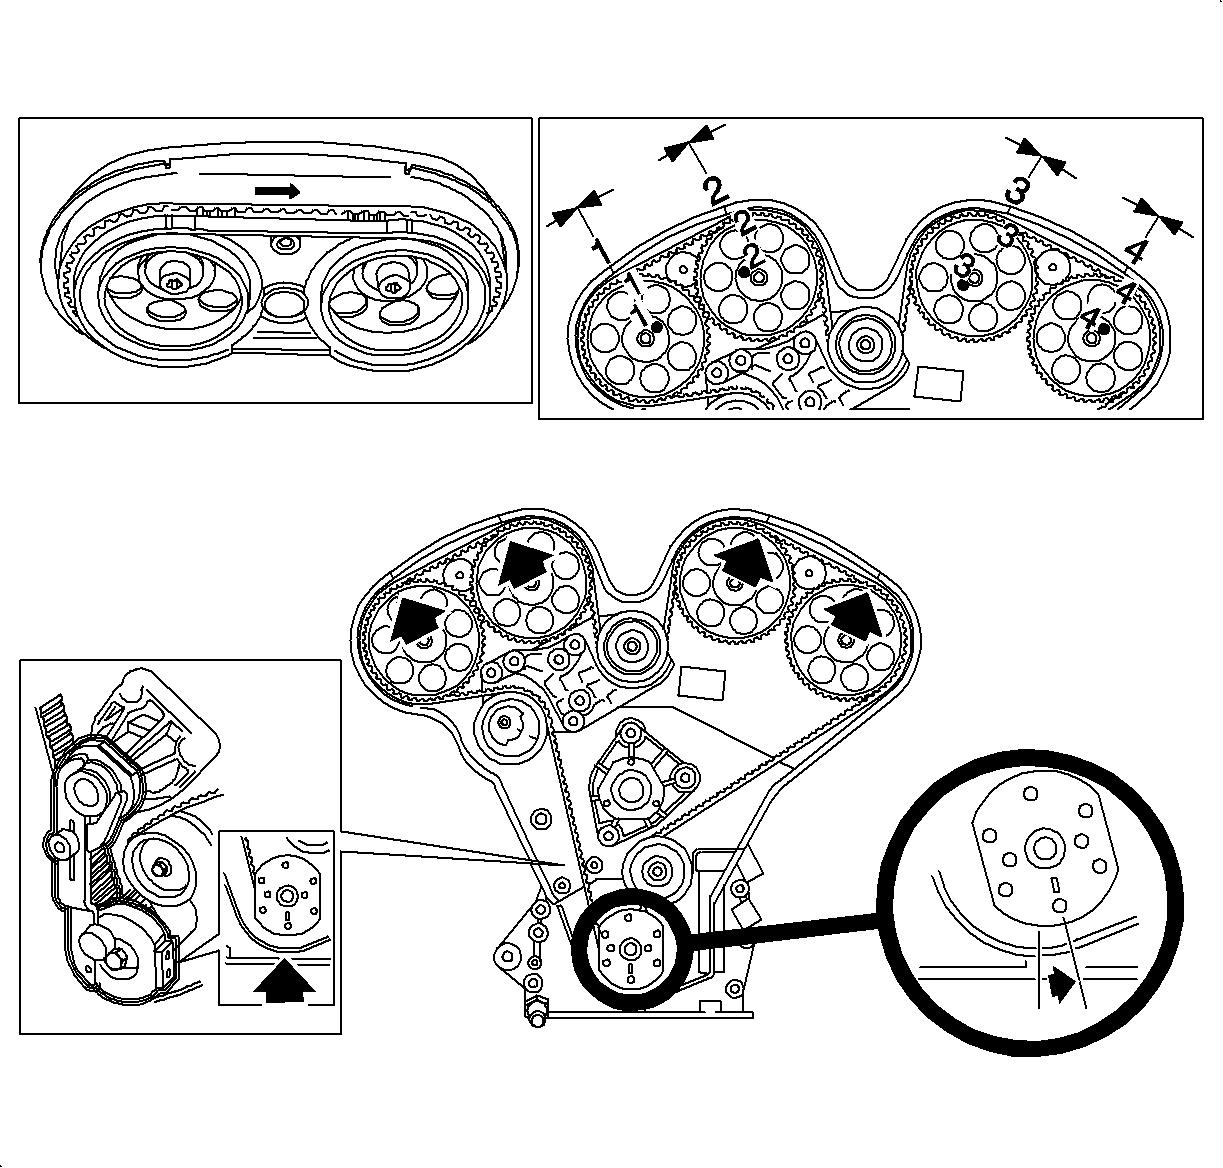 posiciones de  u00e1rbol de levas